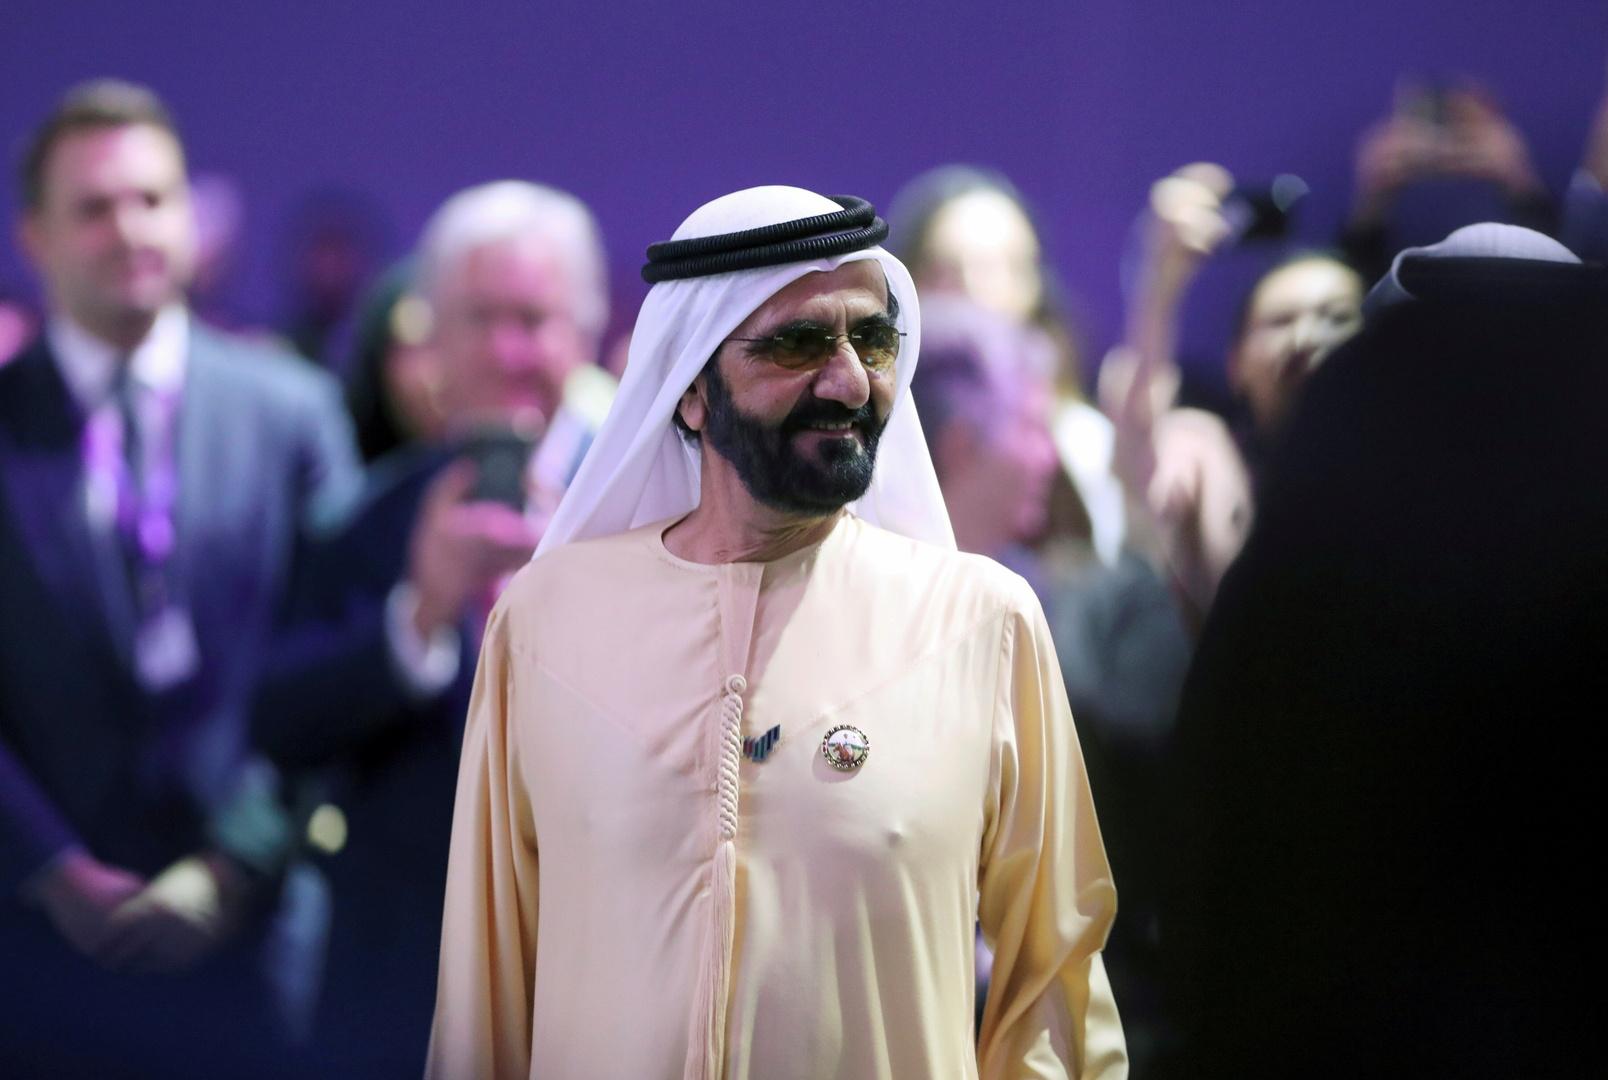 محمد بن راشد آل مكتوم يعلن عن مبادرة